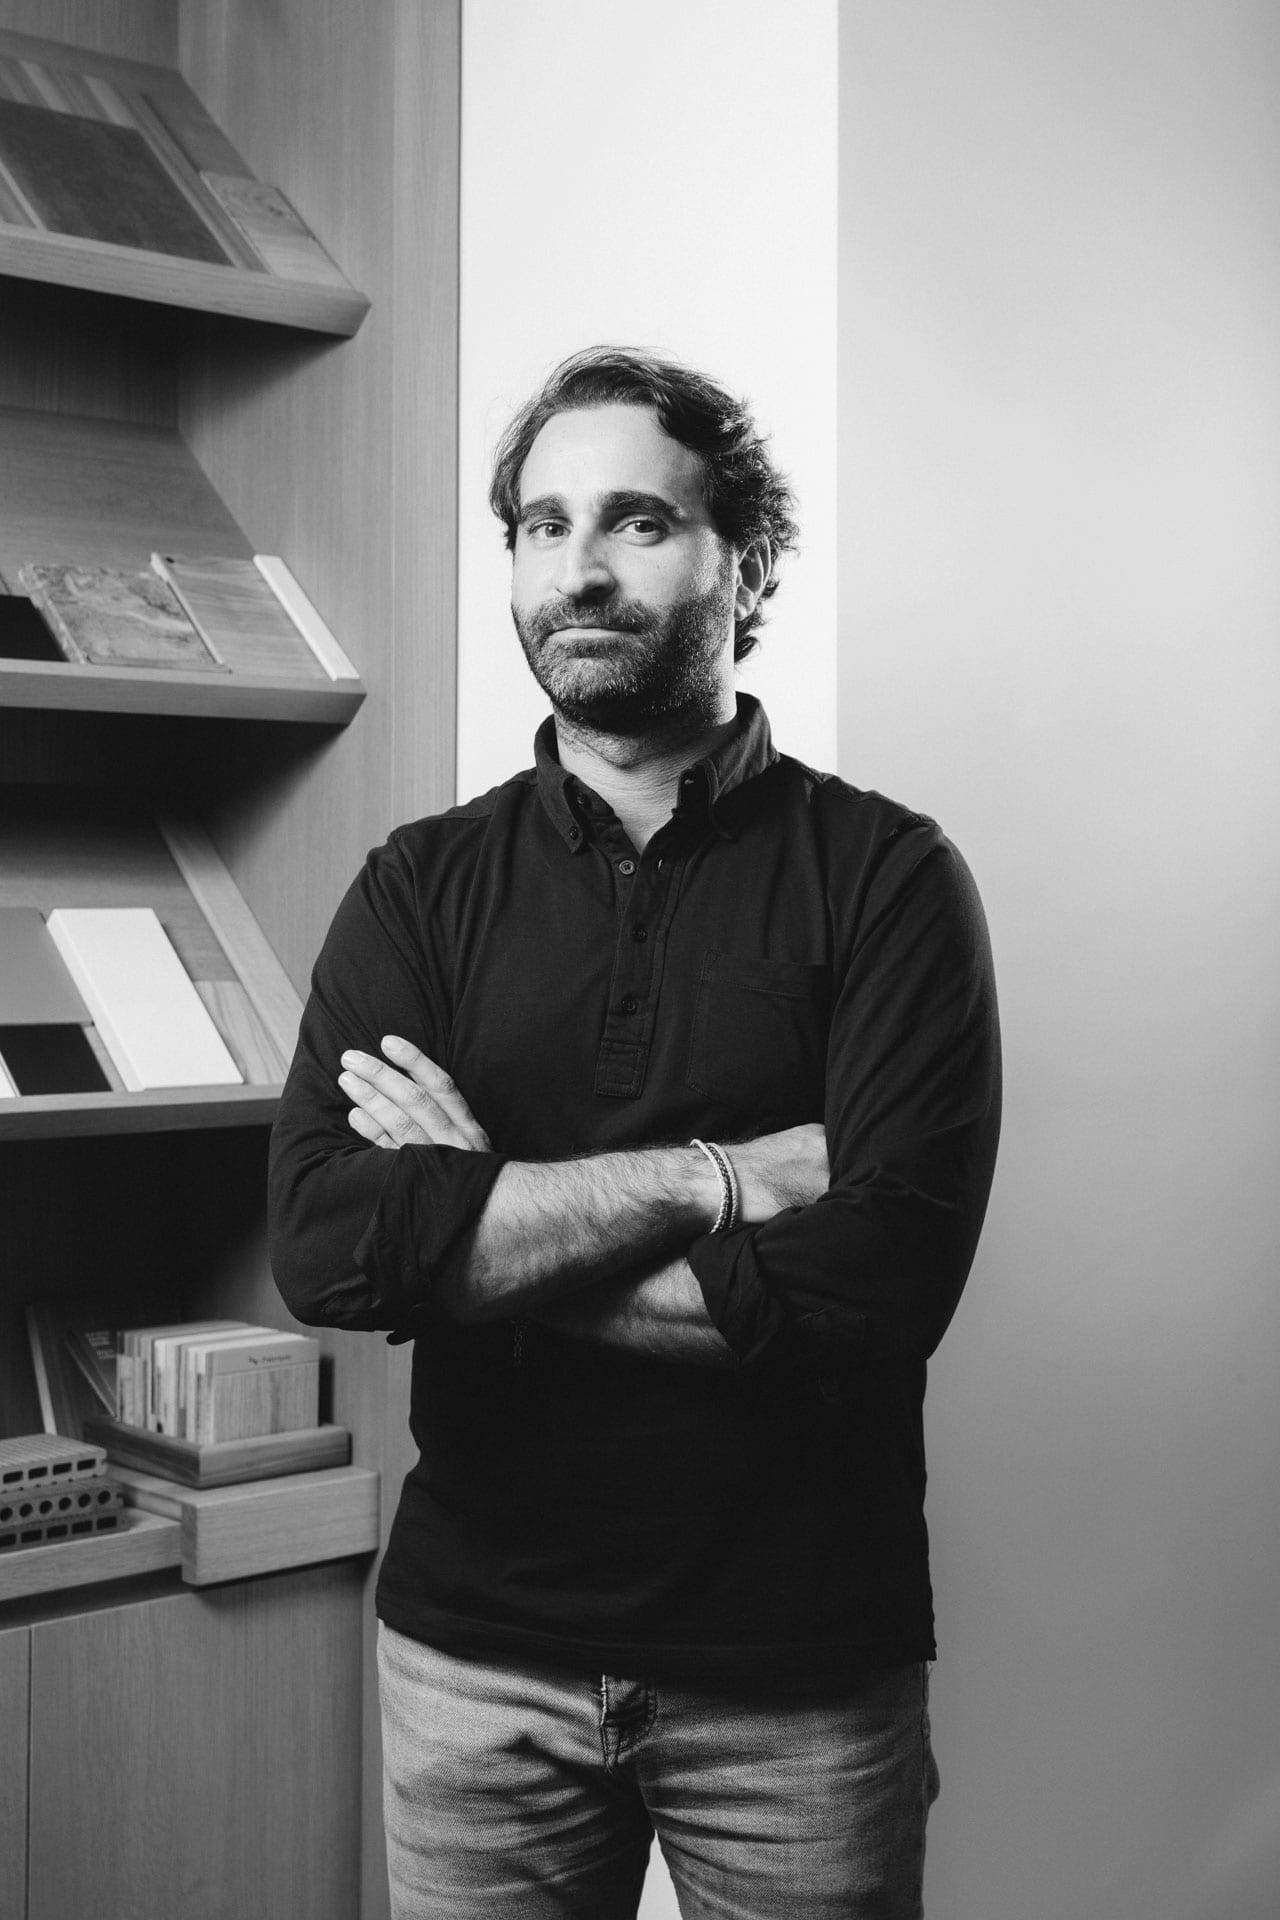 Alfonso Riccio